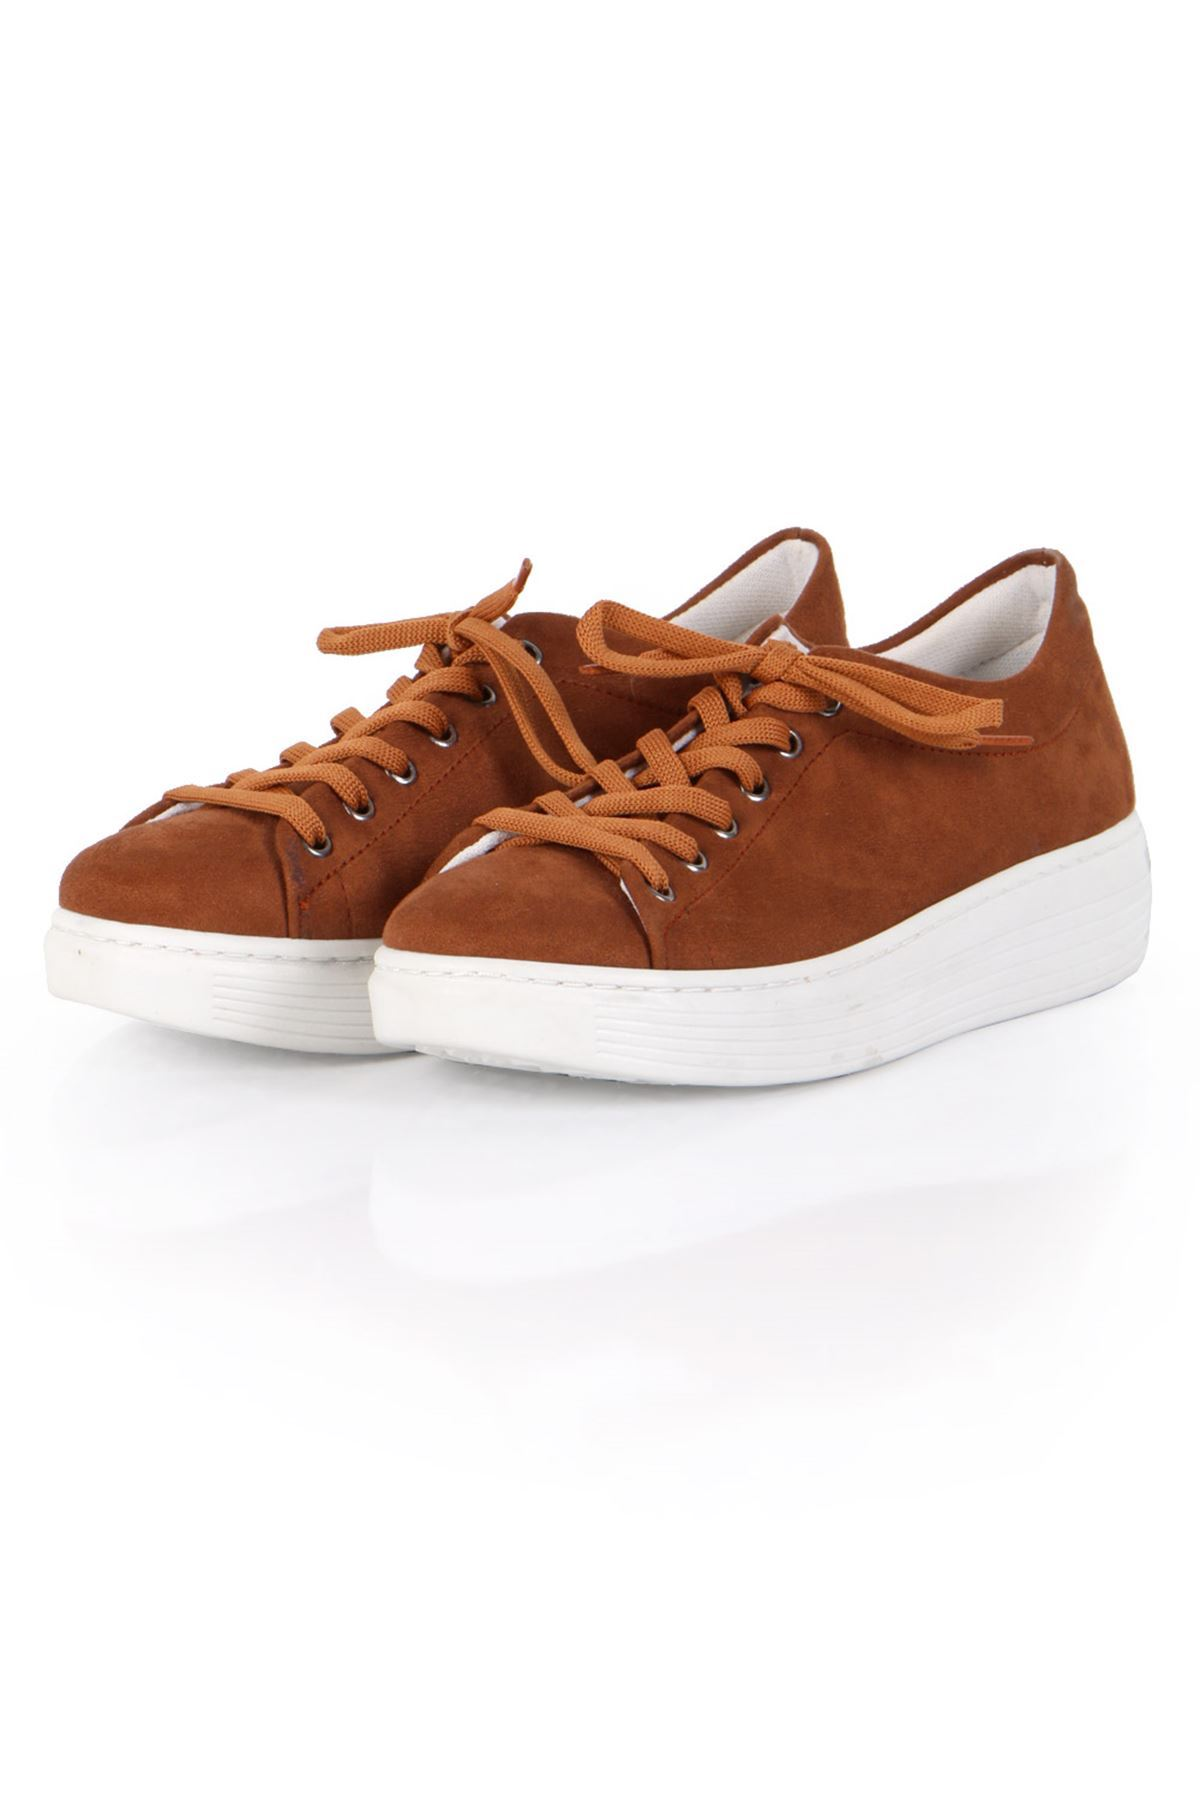 Taba Süet Bağcıklı Spor Sneaker Ayakkabı